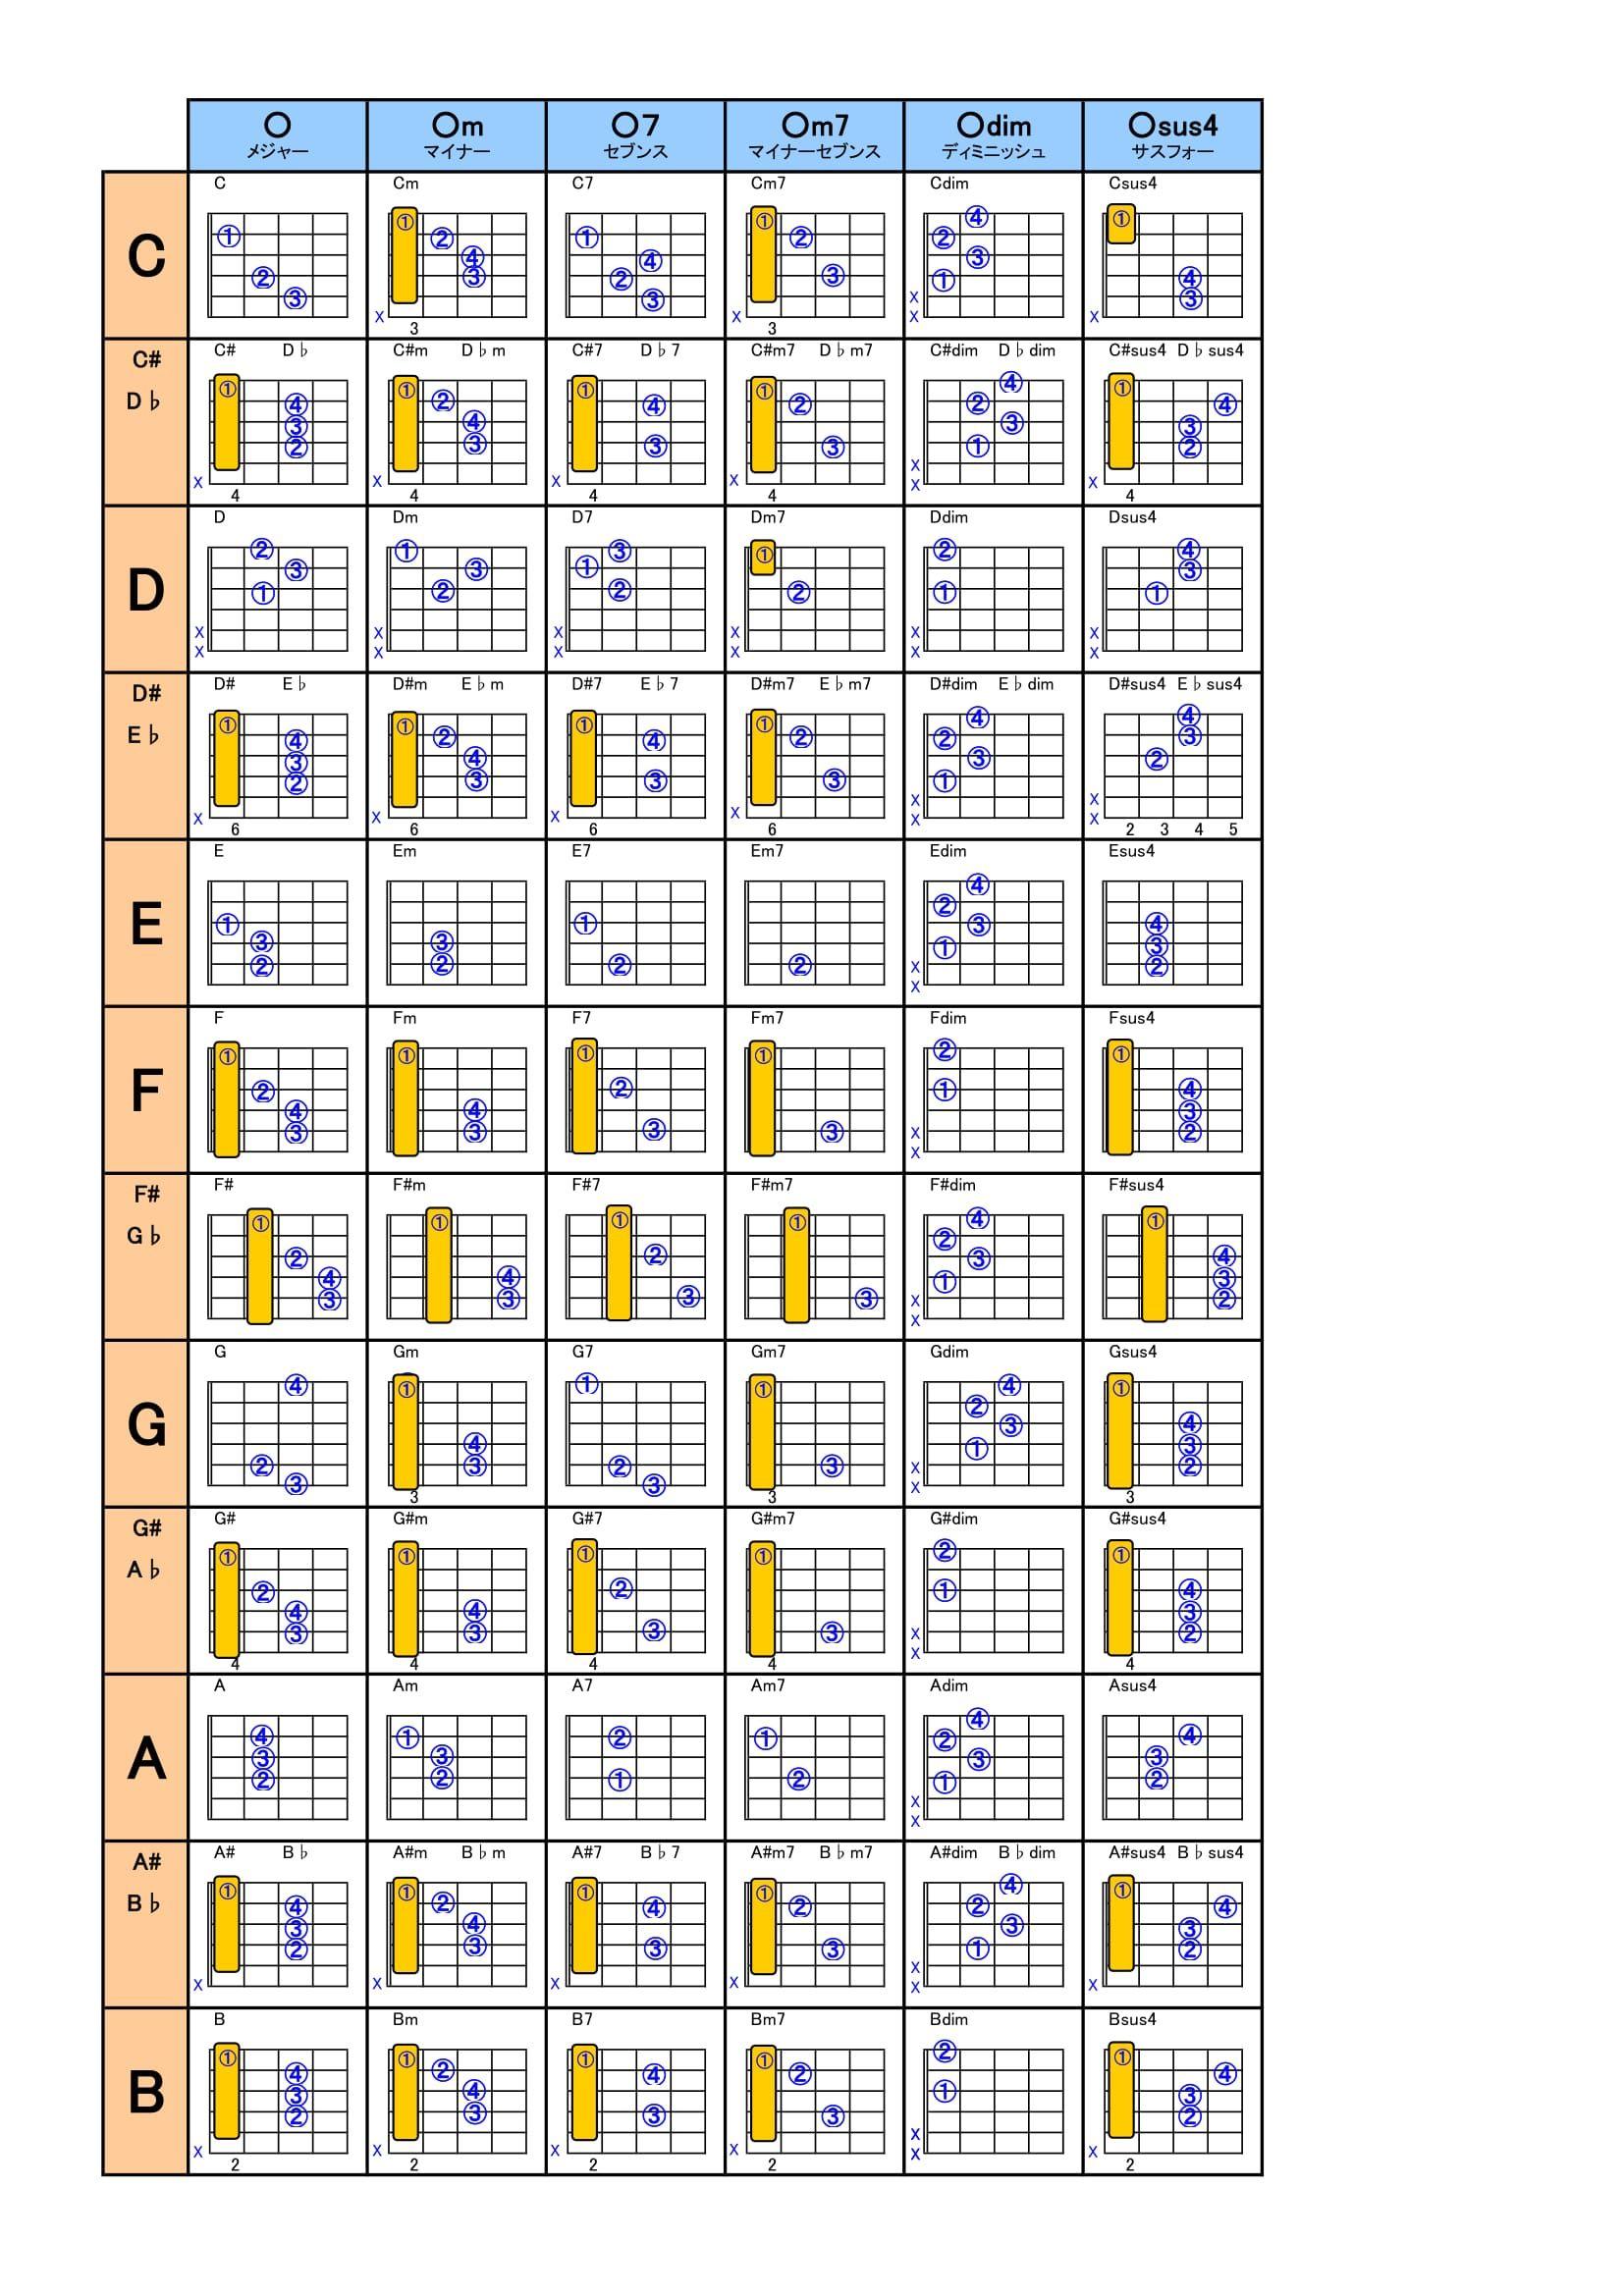 トニック 表 ダイア コード